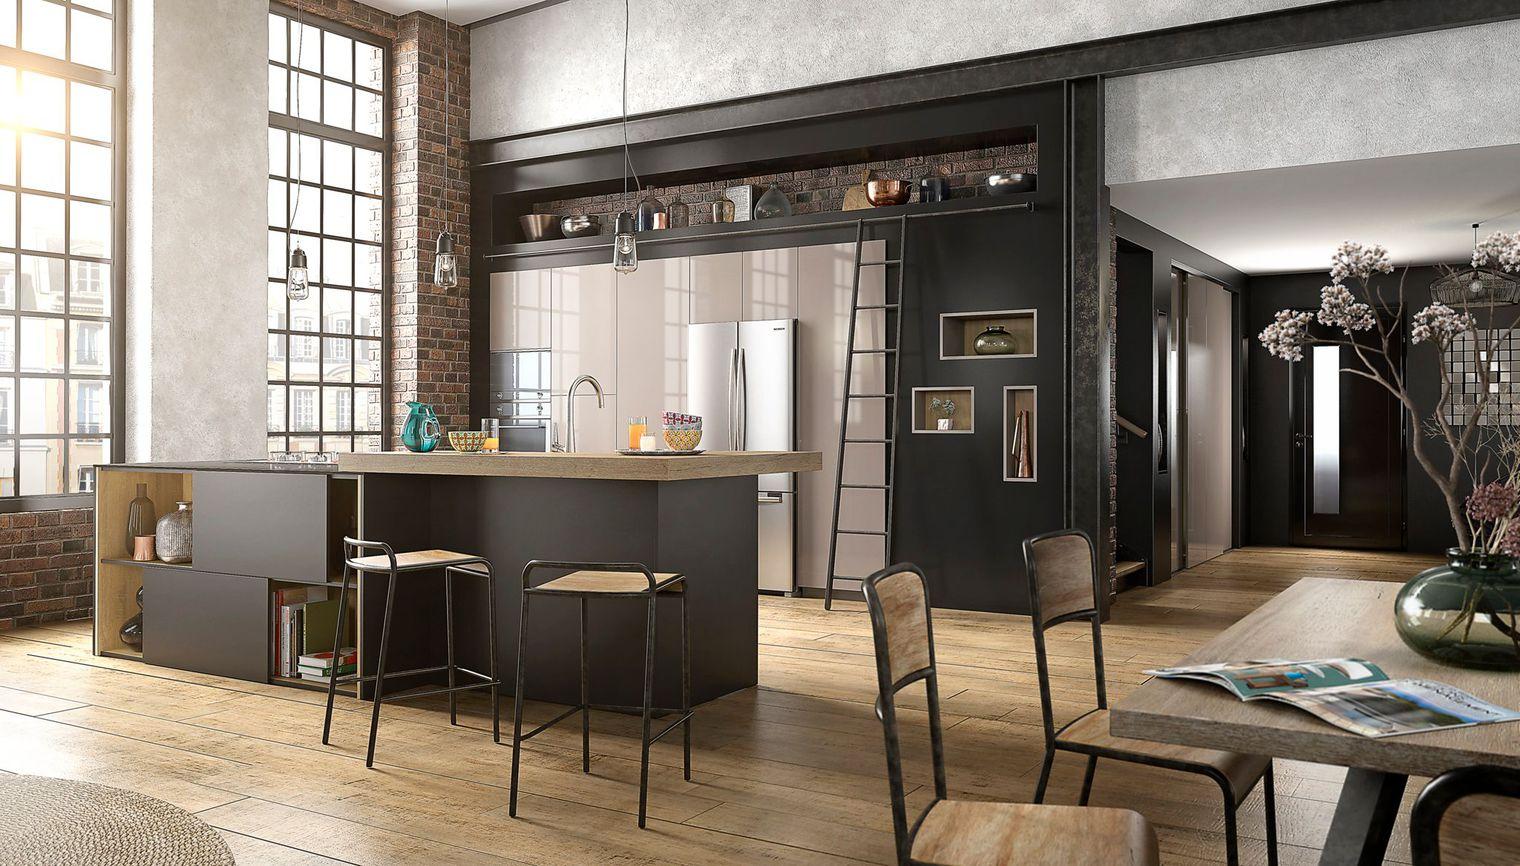 Расположение холодильника на большой кухне